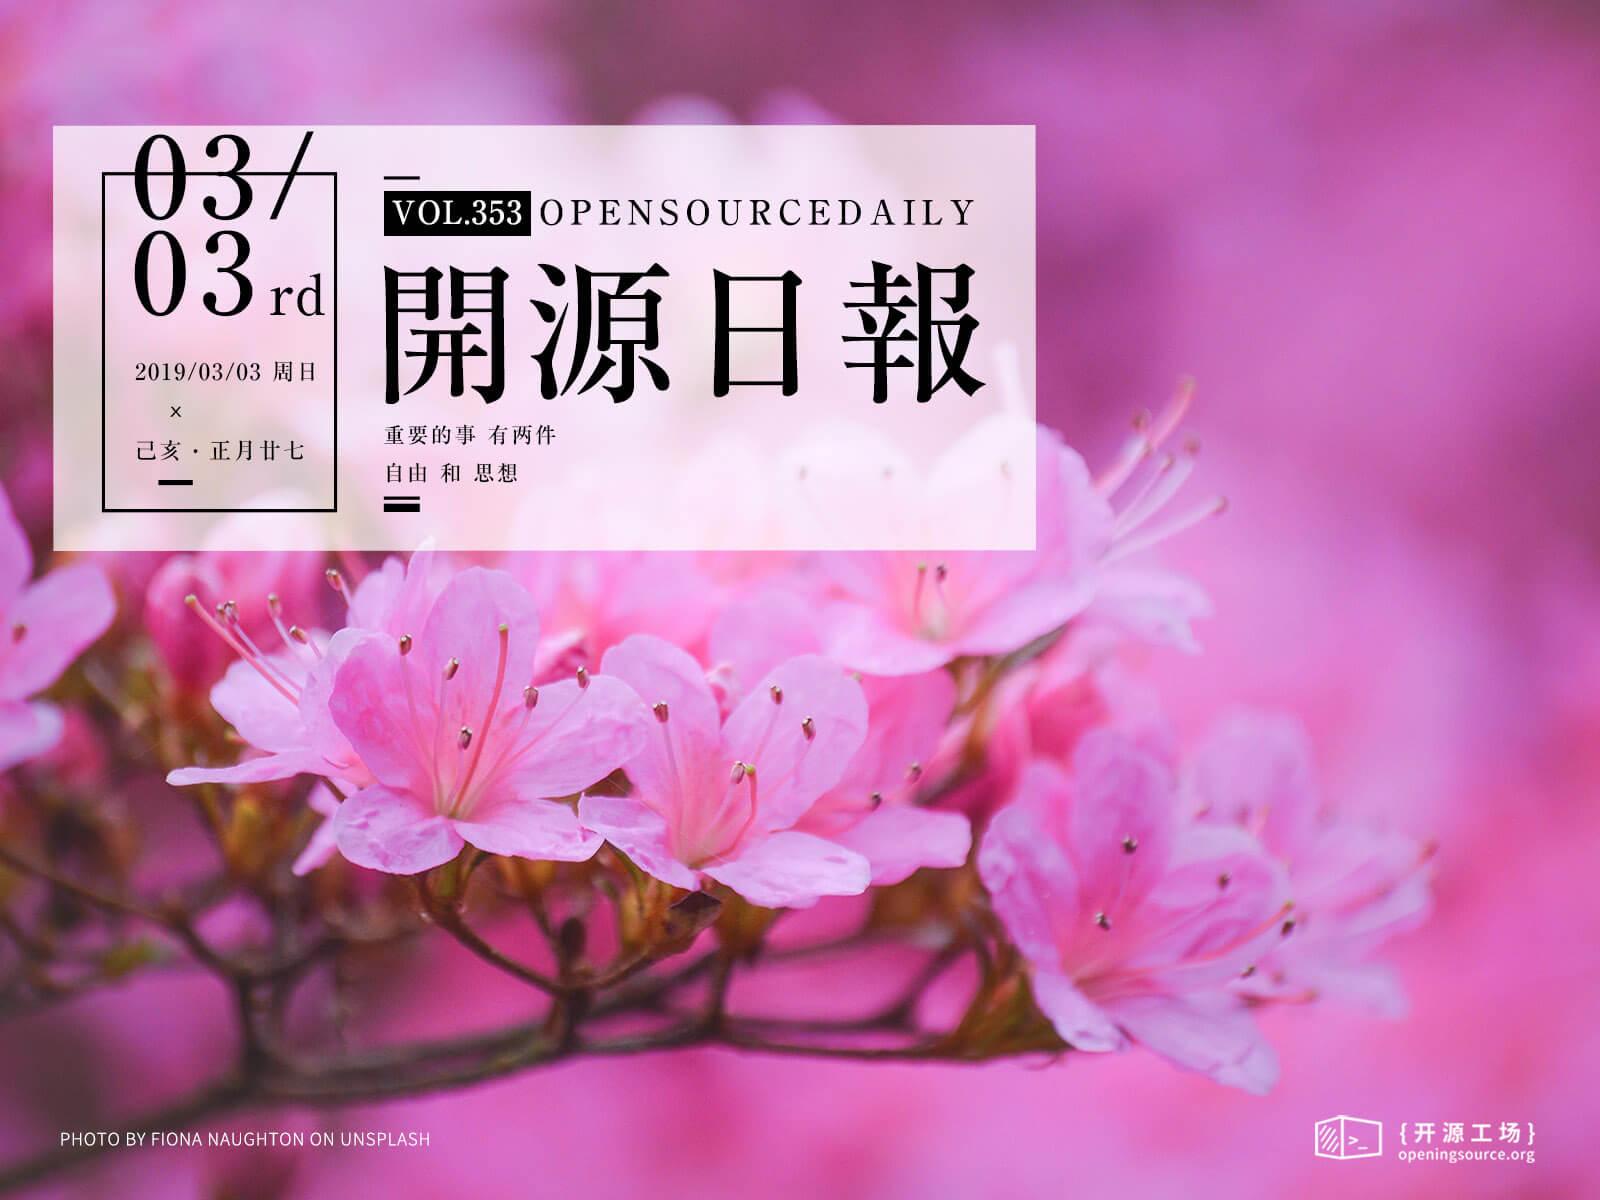 2019年3月3日:开源日报第353期